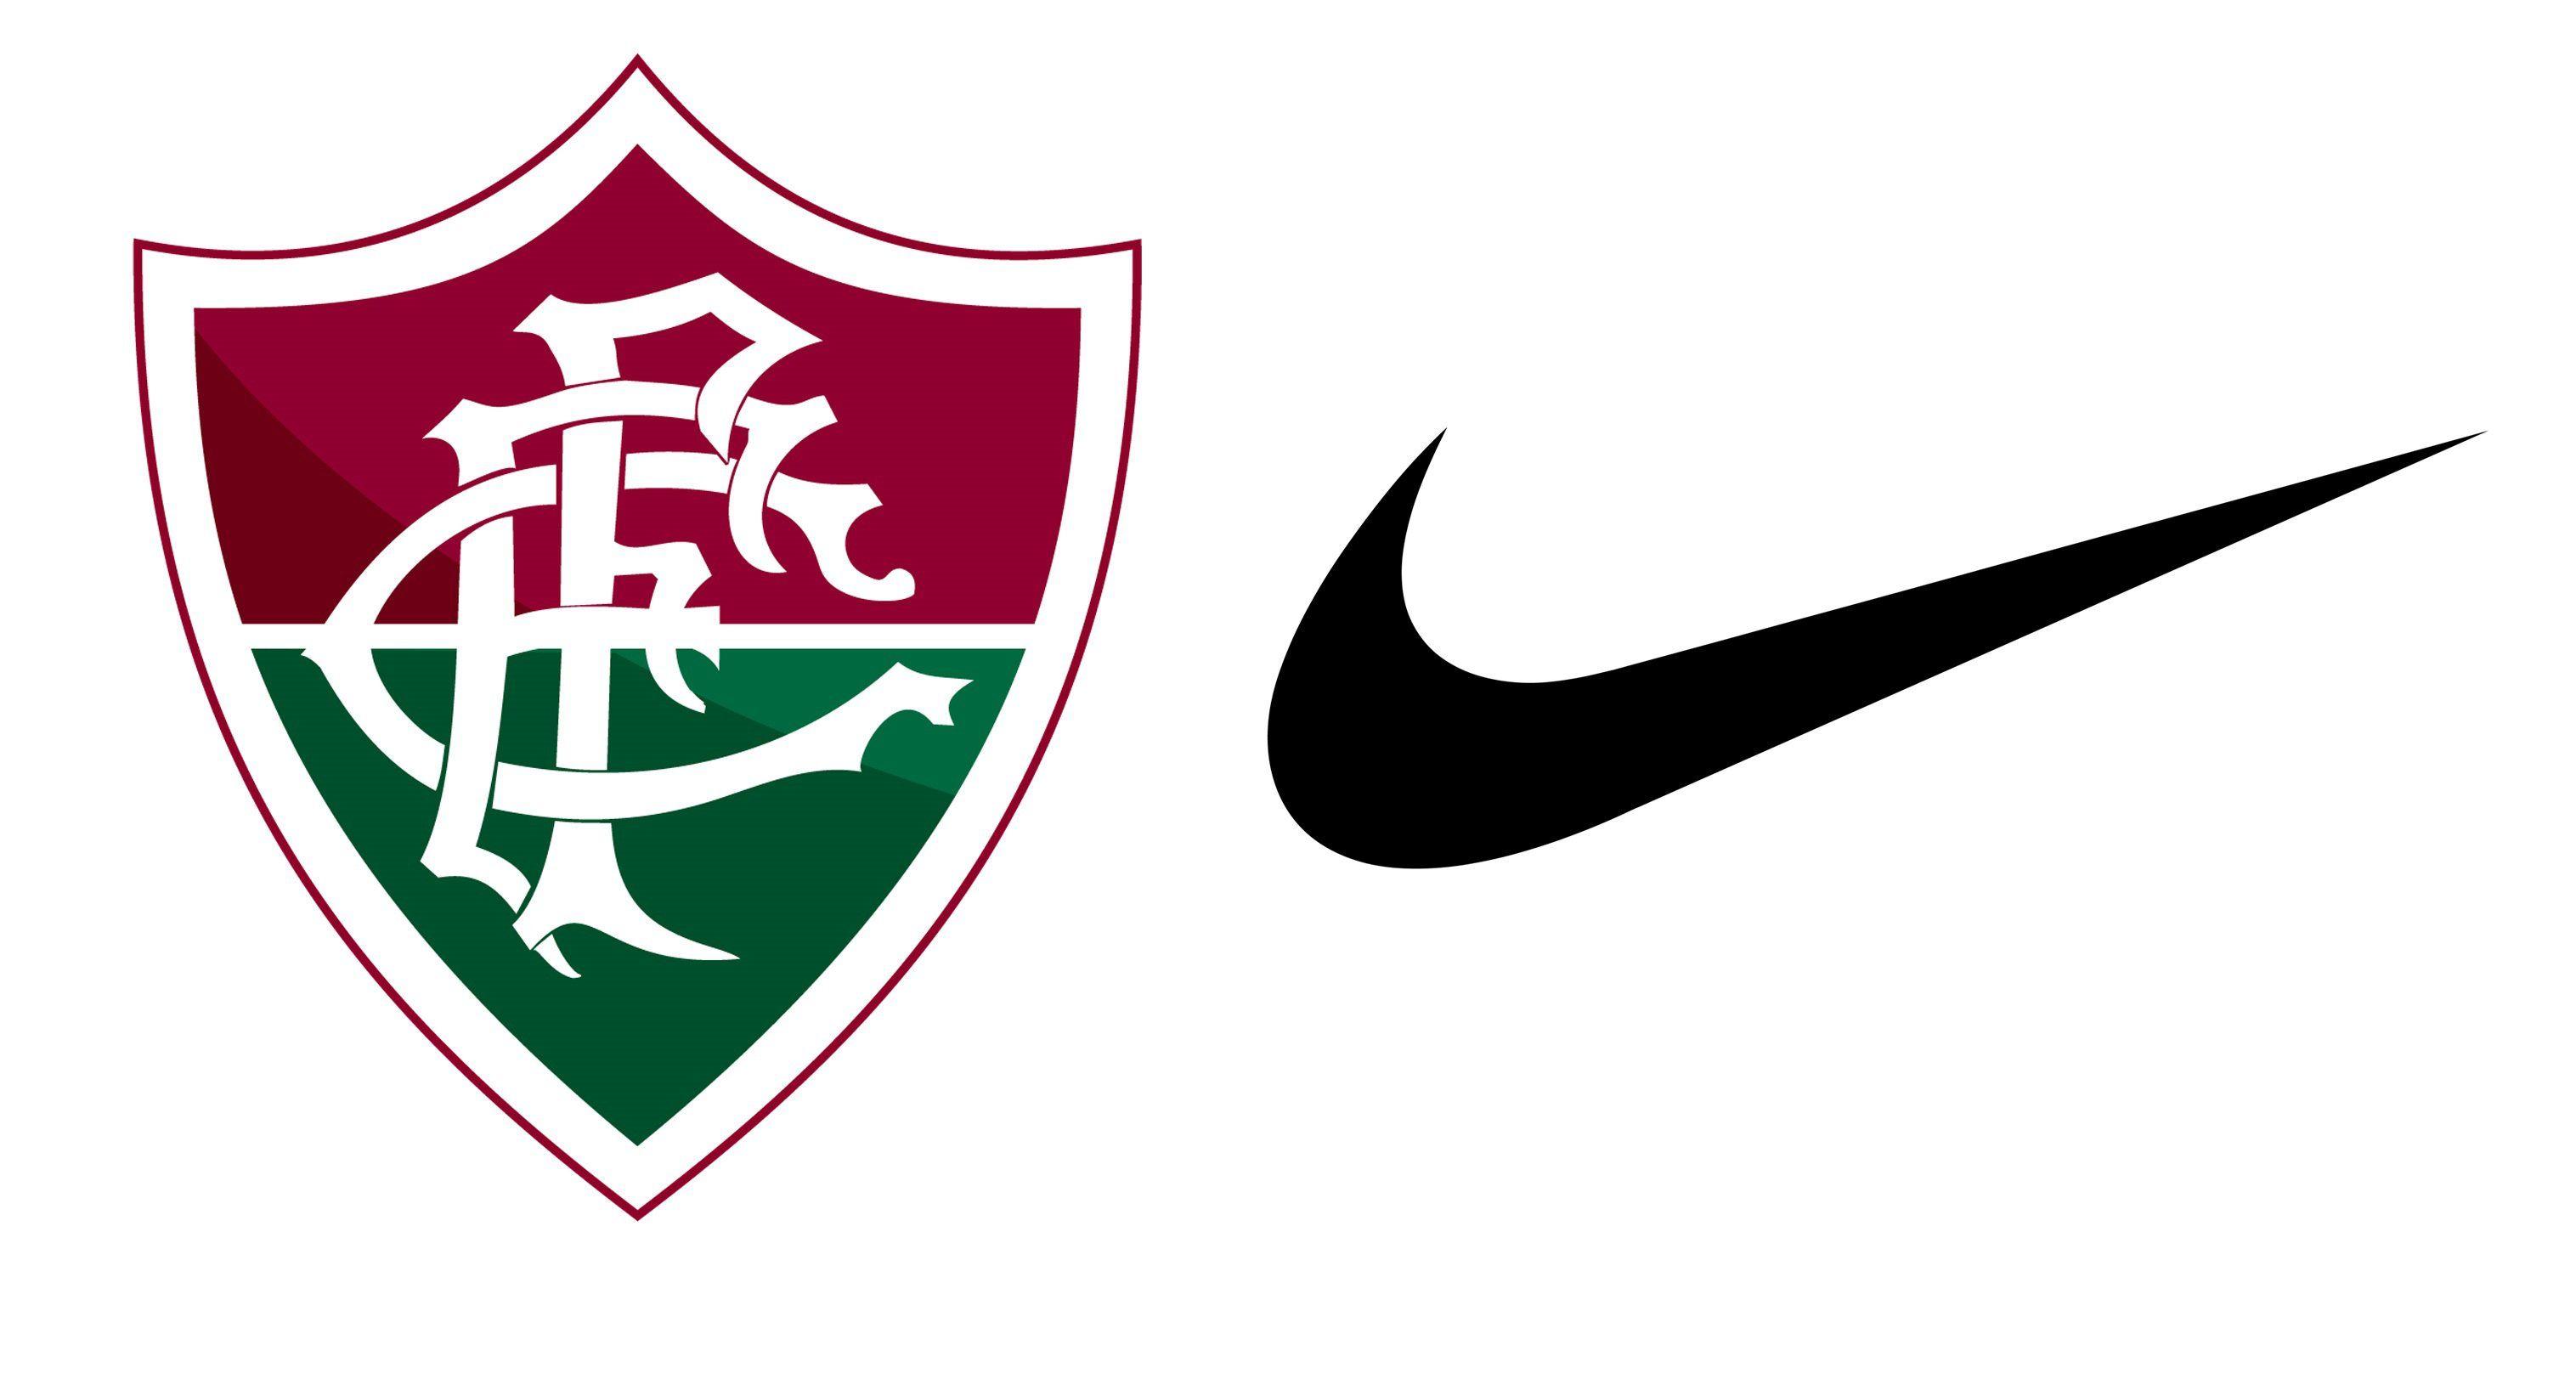 e86c48271d75f Exclusivo  Fluminense e Nike se reaproximam